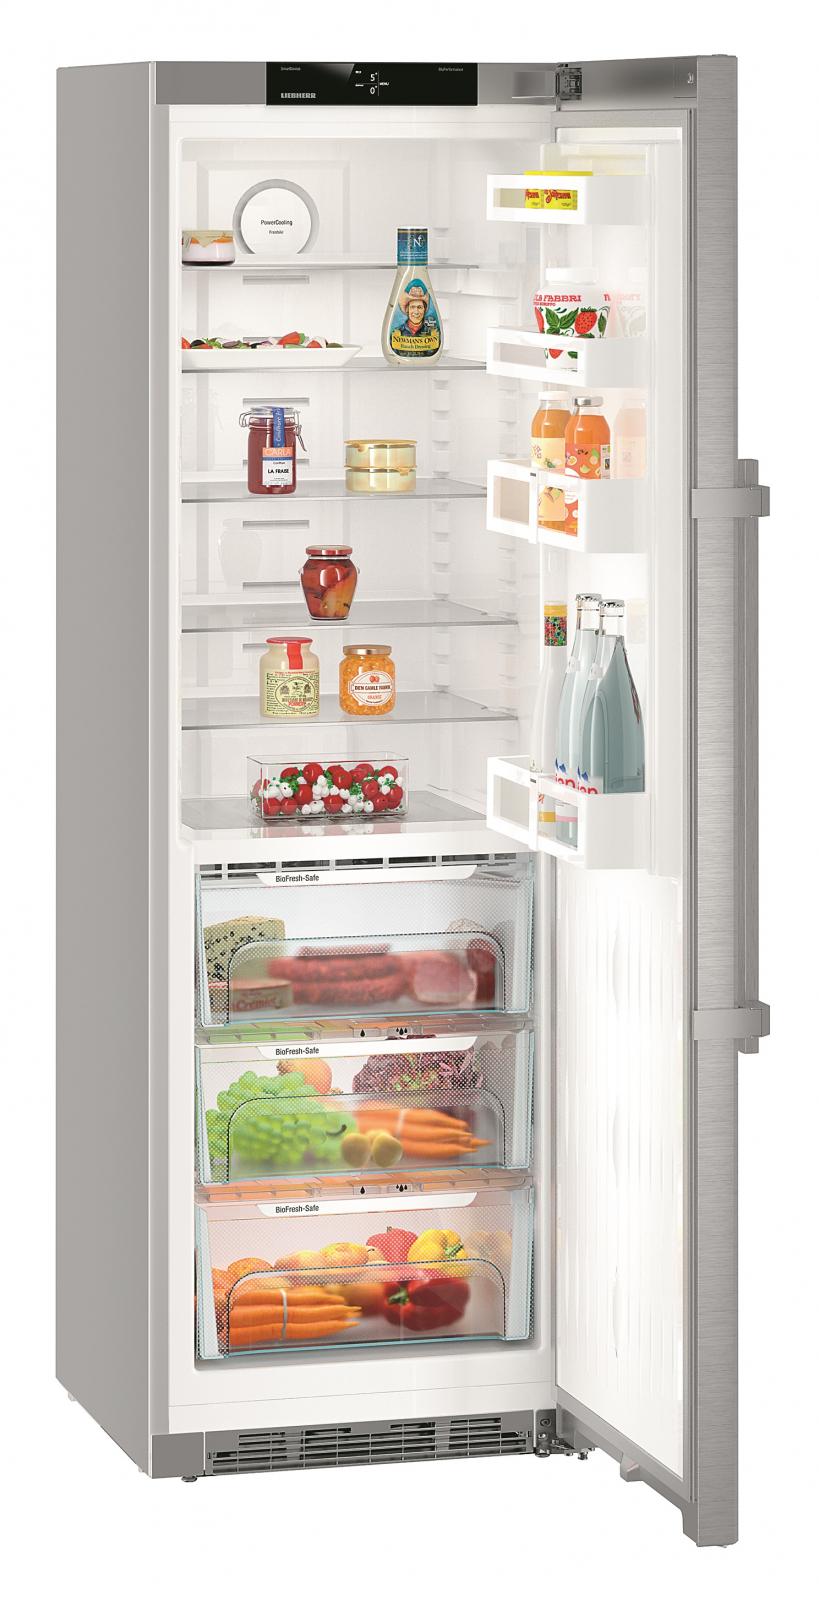 купить Однокамерный холодильник Liebherr KBef 4310 Украина фото 0